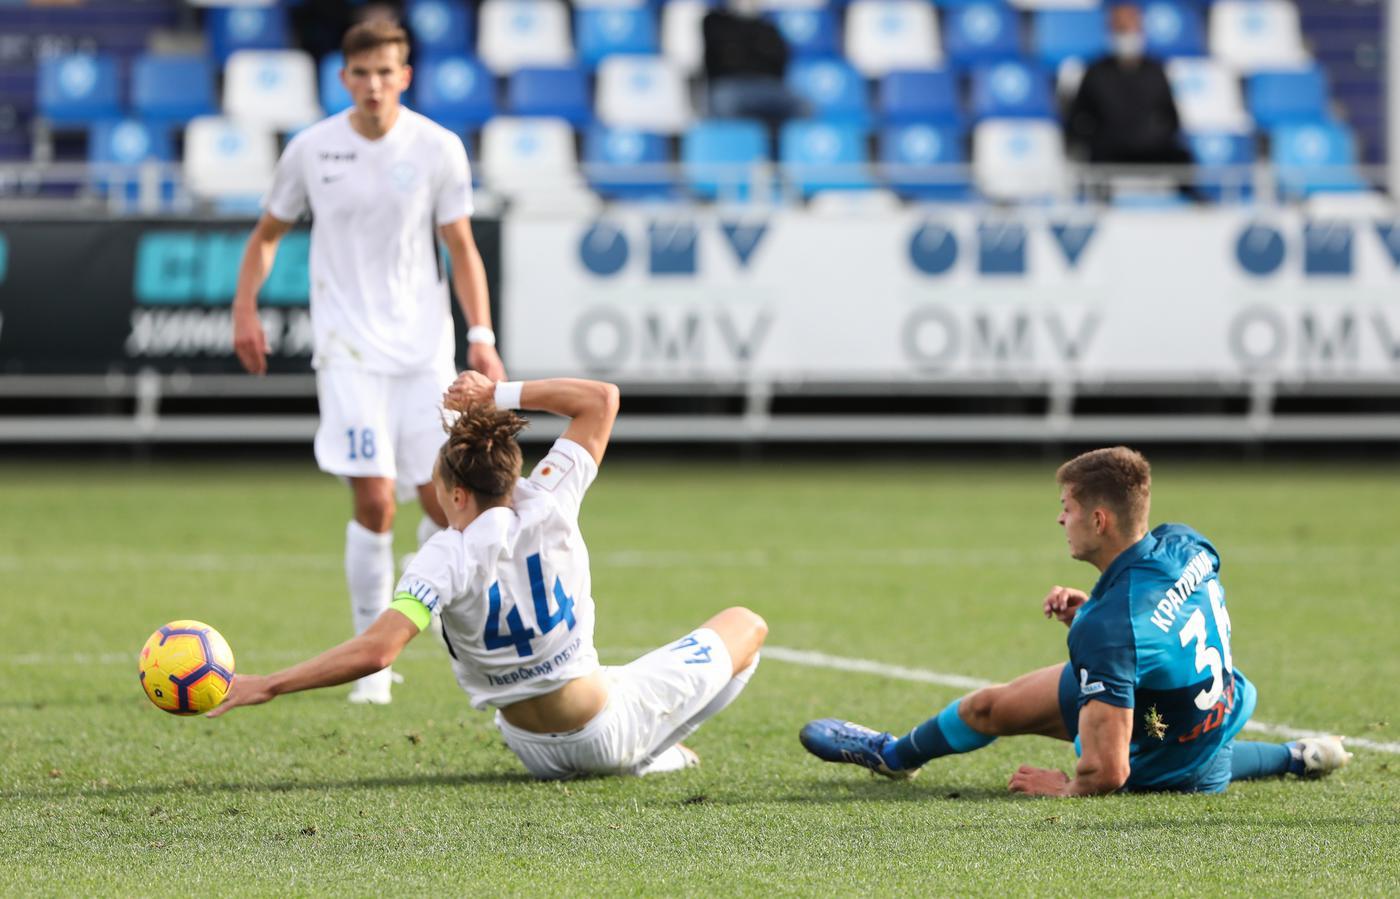 Радимова удалили, но «Зенит-2» сумел добиться второй победы в пяти последних матчах - фото